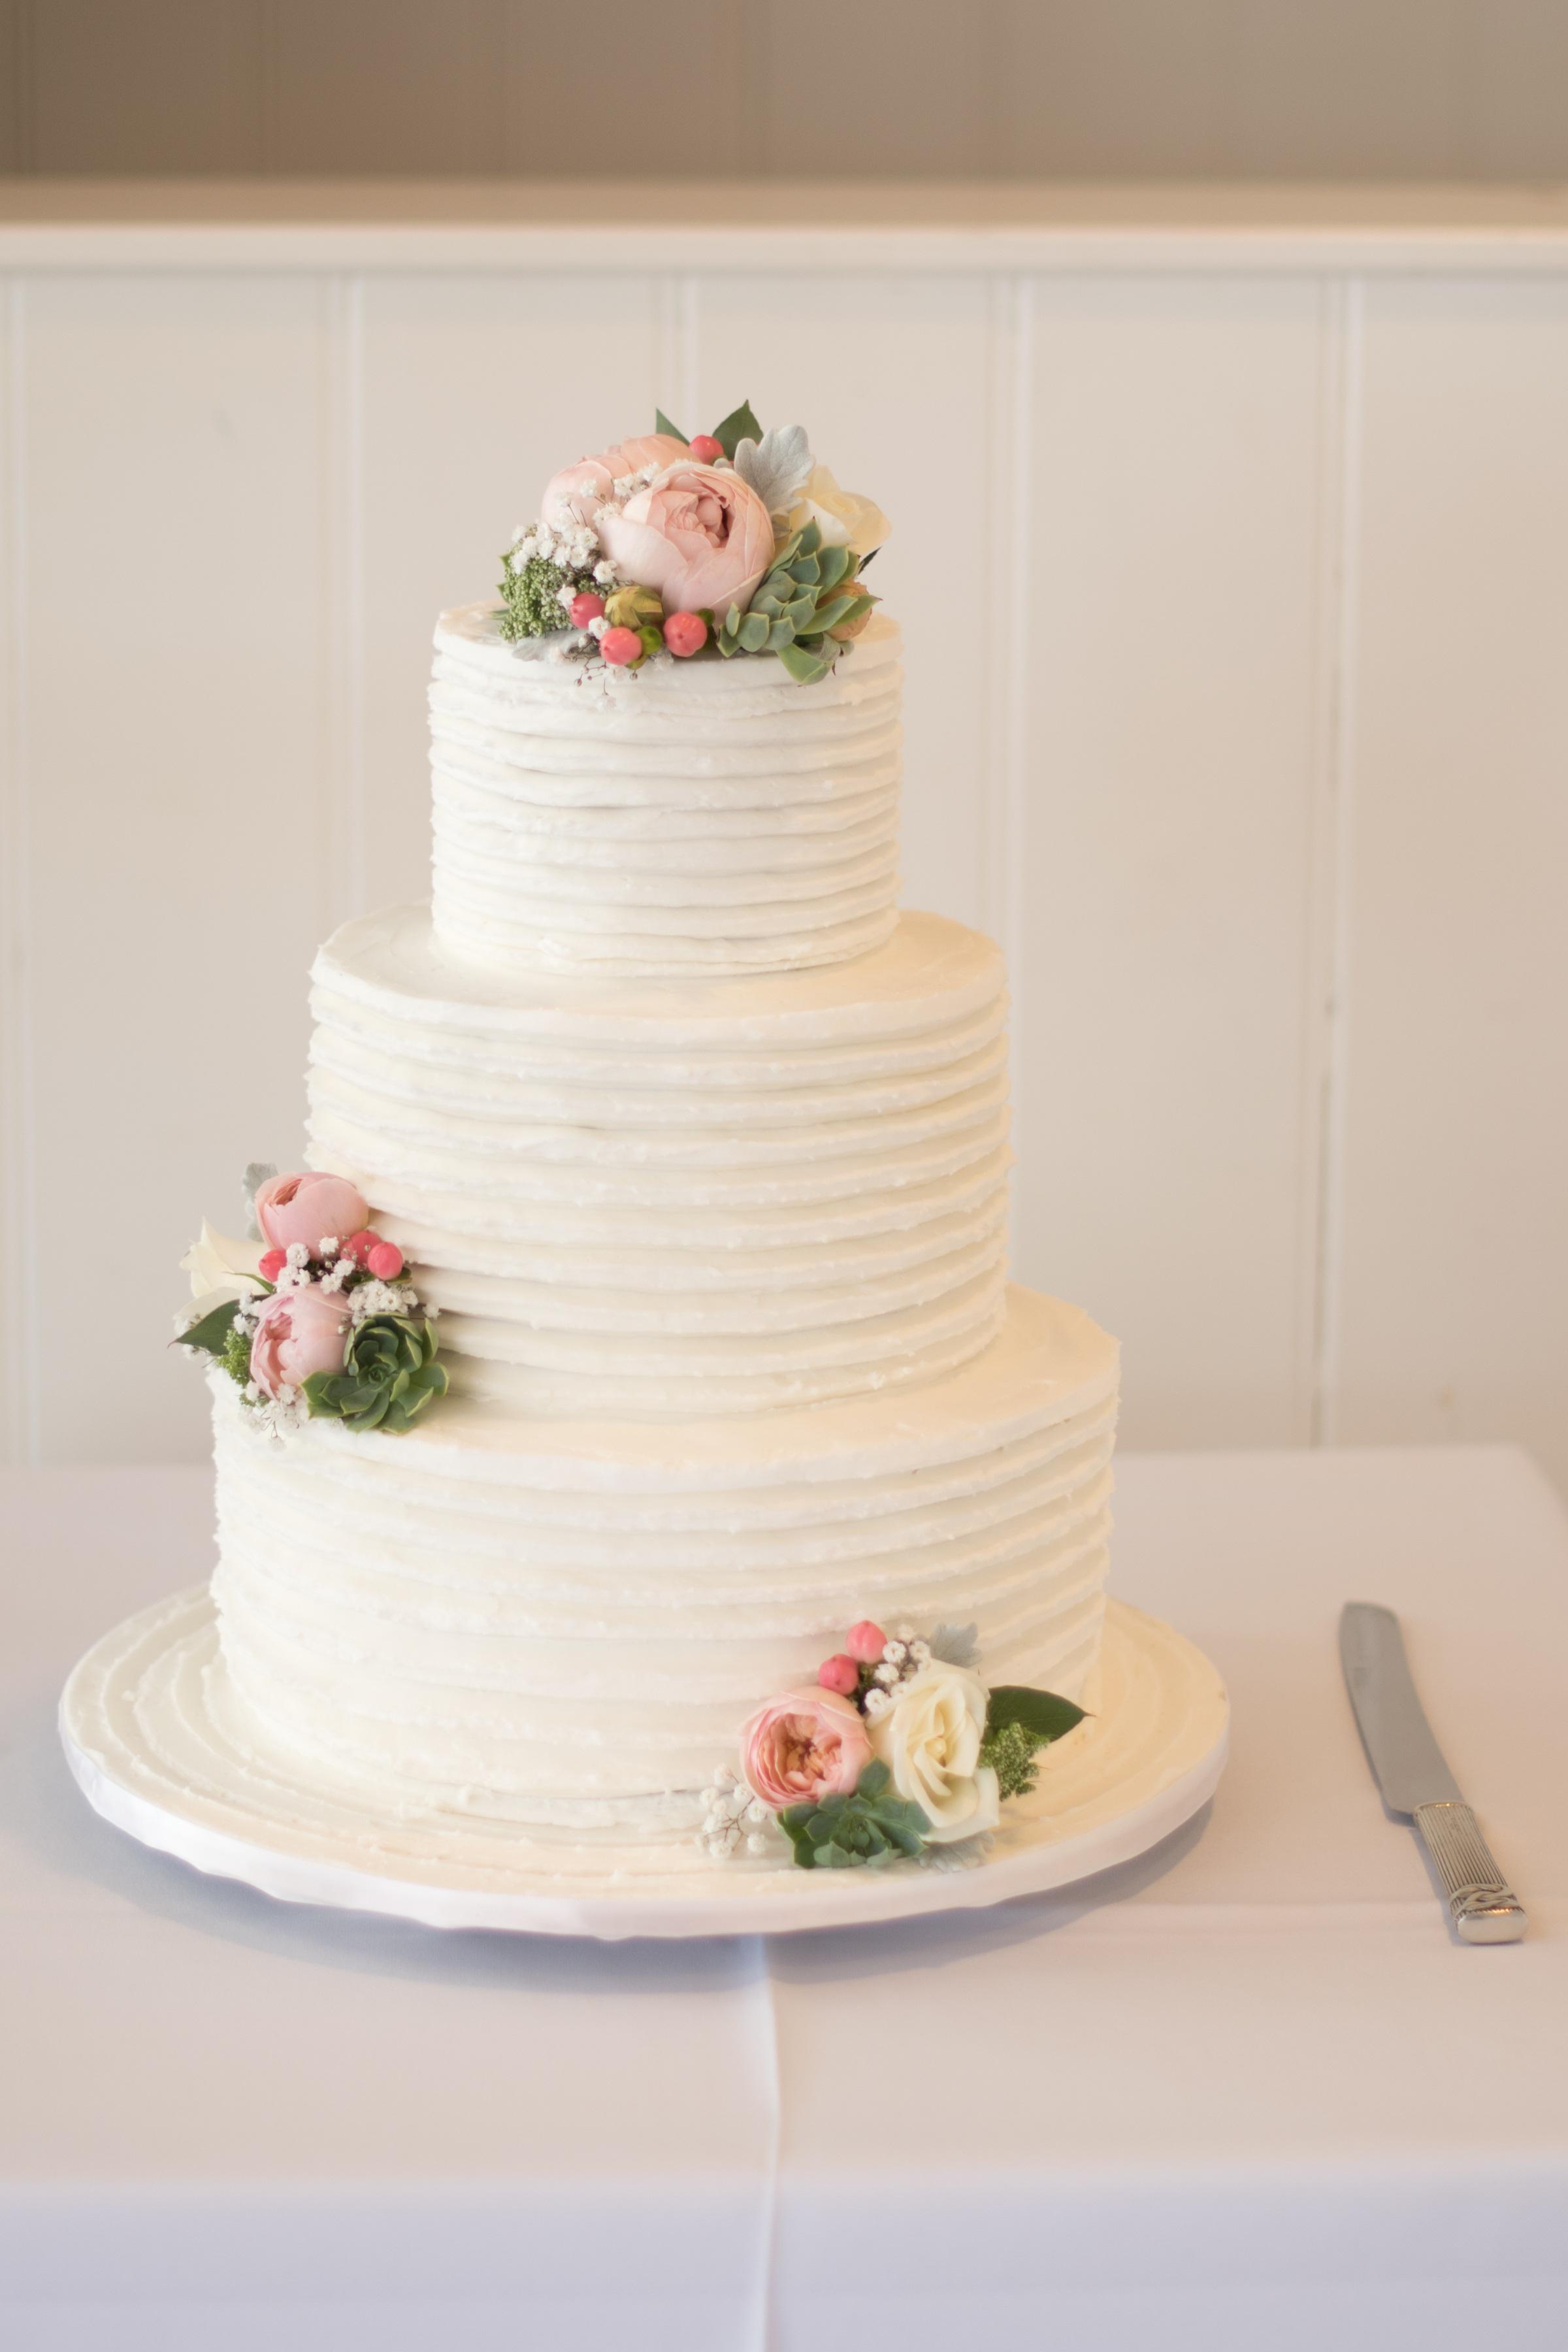 1f35cb9e1a54 vit ljuv blomma kronblad firande mat rosa dessert bröllop äktenskap kaka  fira glasyr reception bröllopstårta sockerpasta